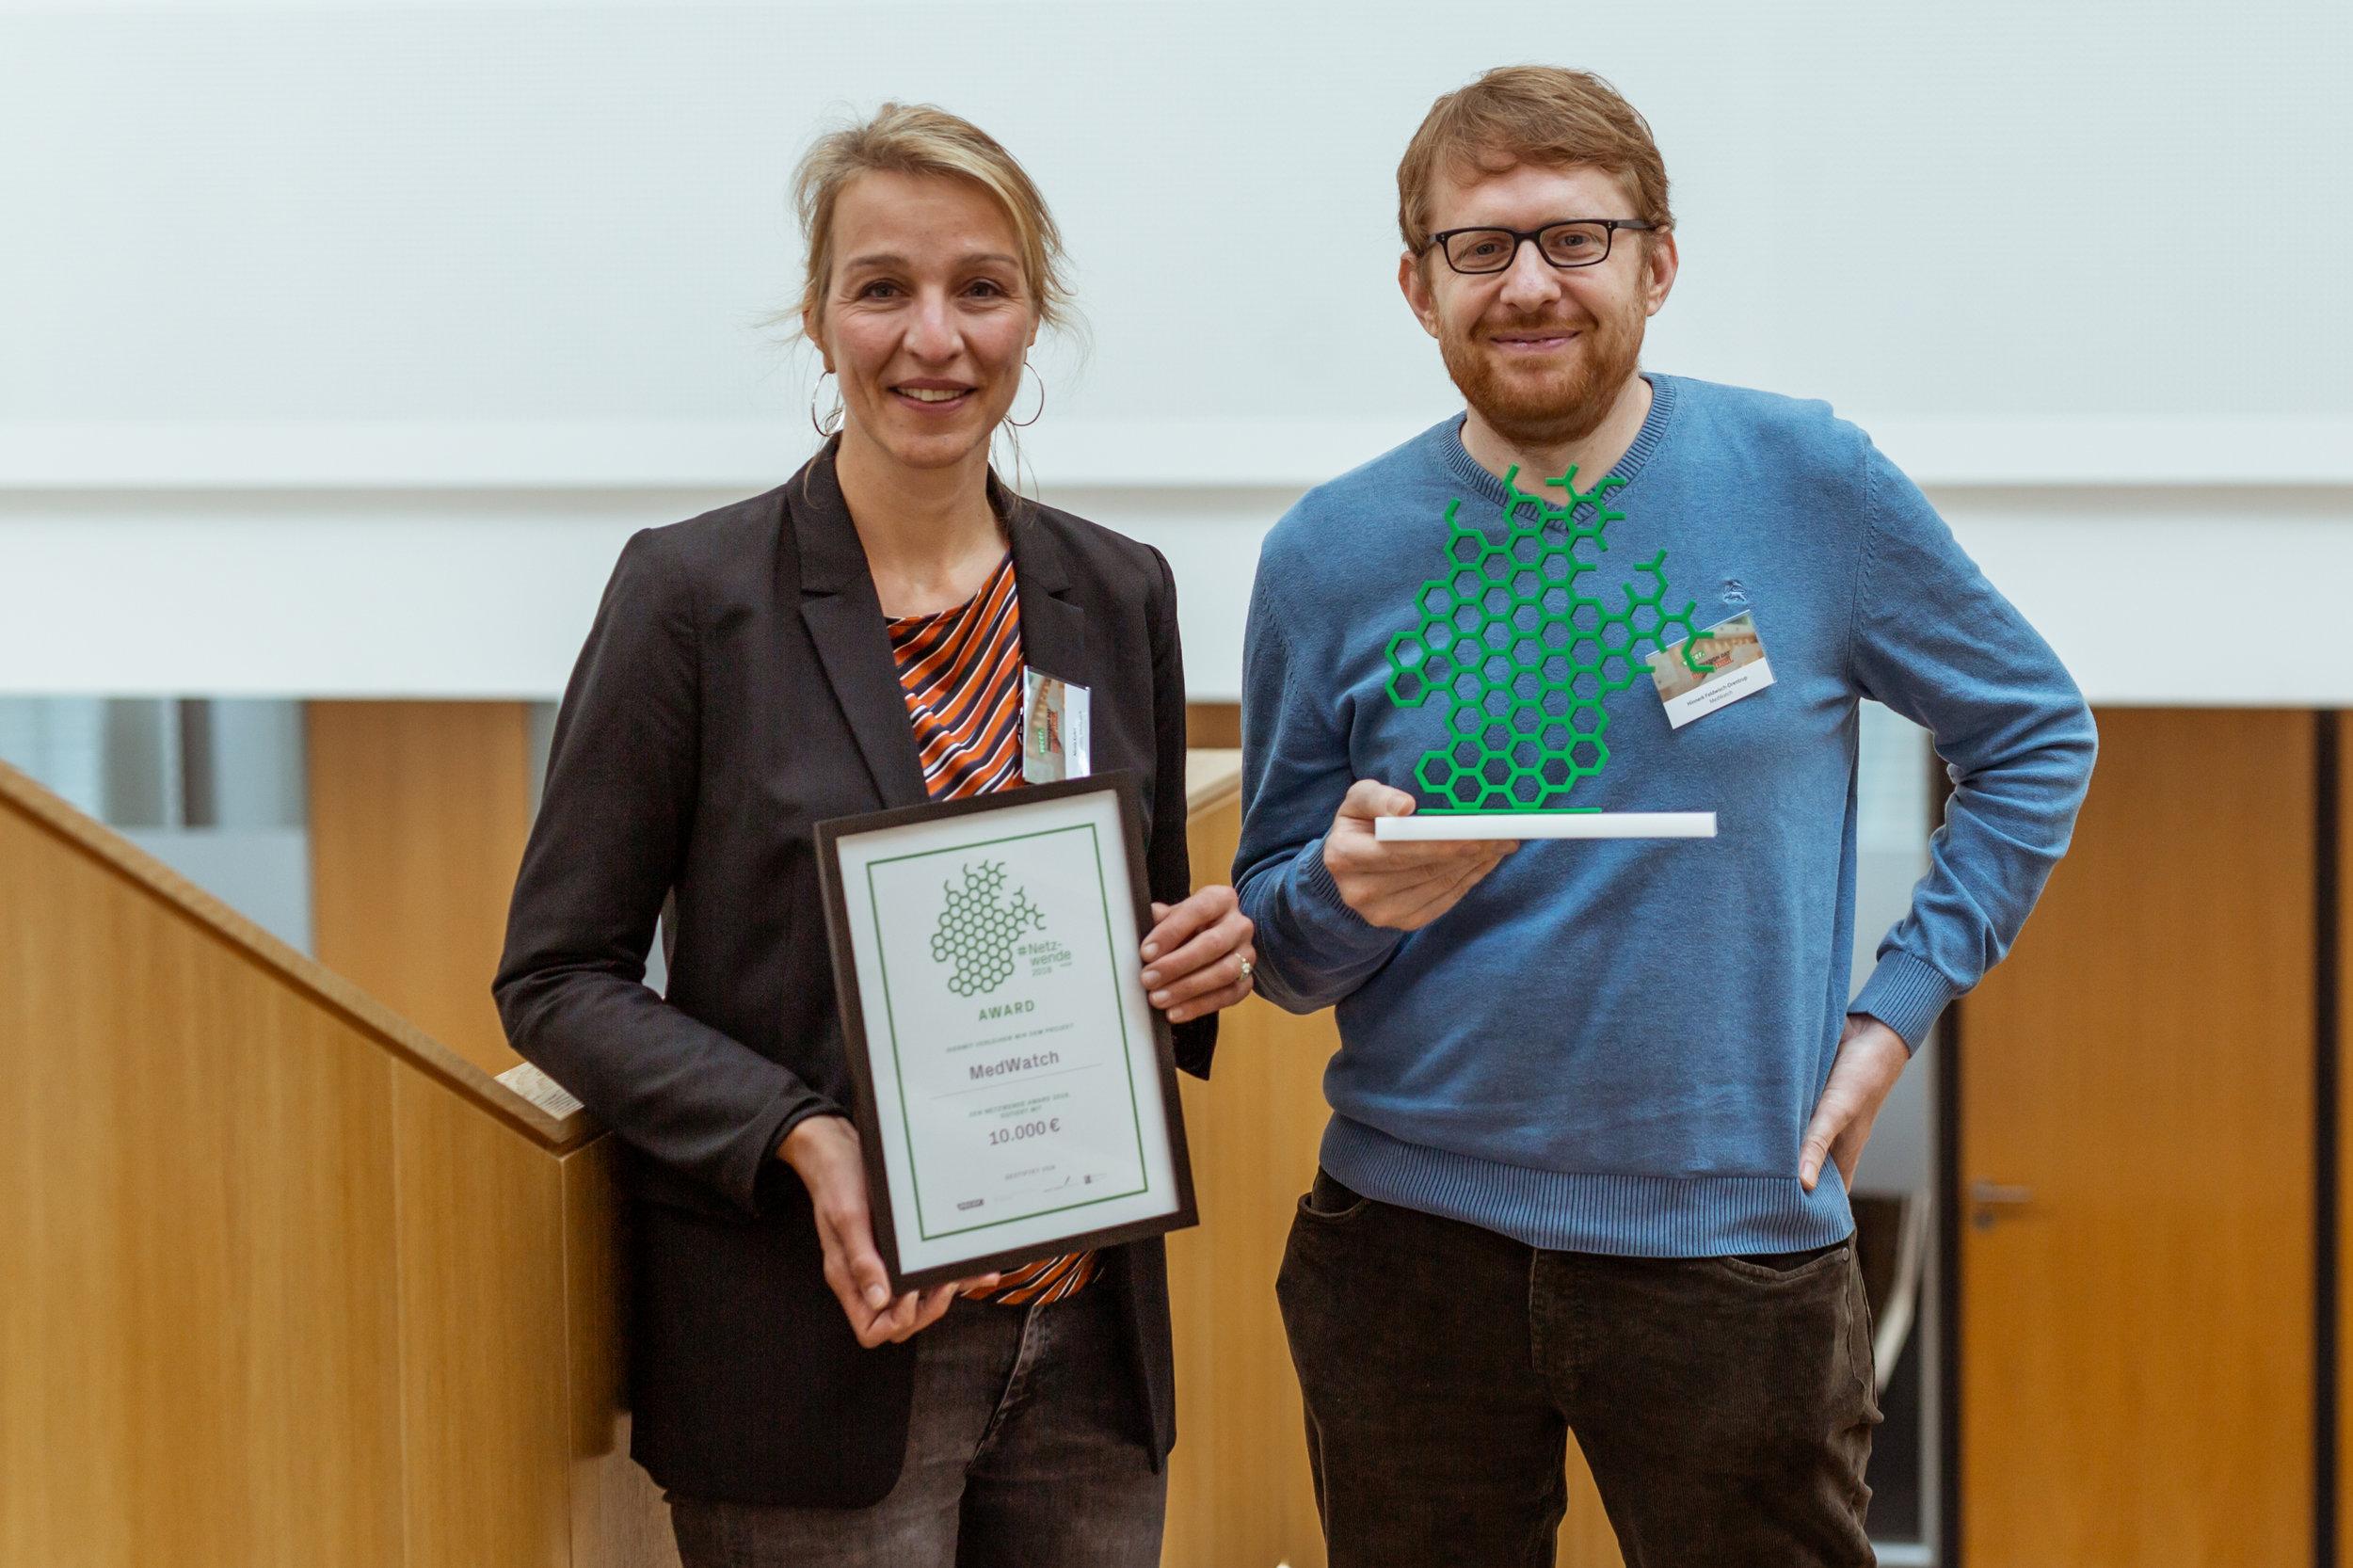 Die Preisträger 2018: MedWatch - Nicola Kuhrt und Hinnerk Feldwisch-Drentrup von MedWatch (Foto: Melina Mörsdorf/VOCER - freie Nutzung bei Namensnennung)Download